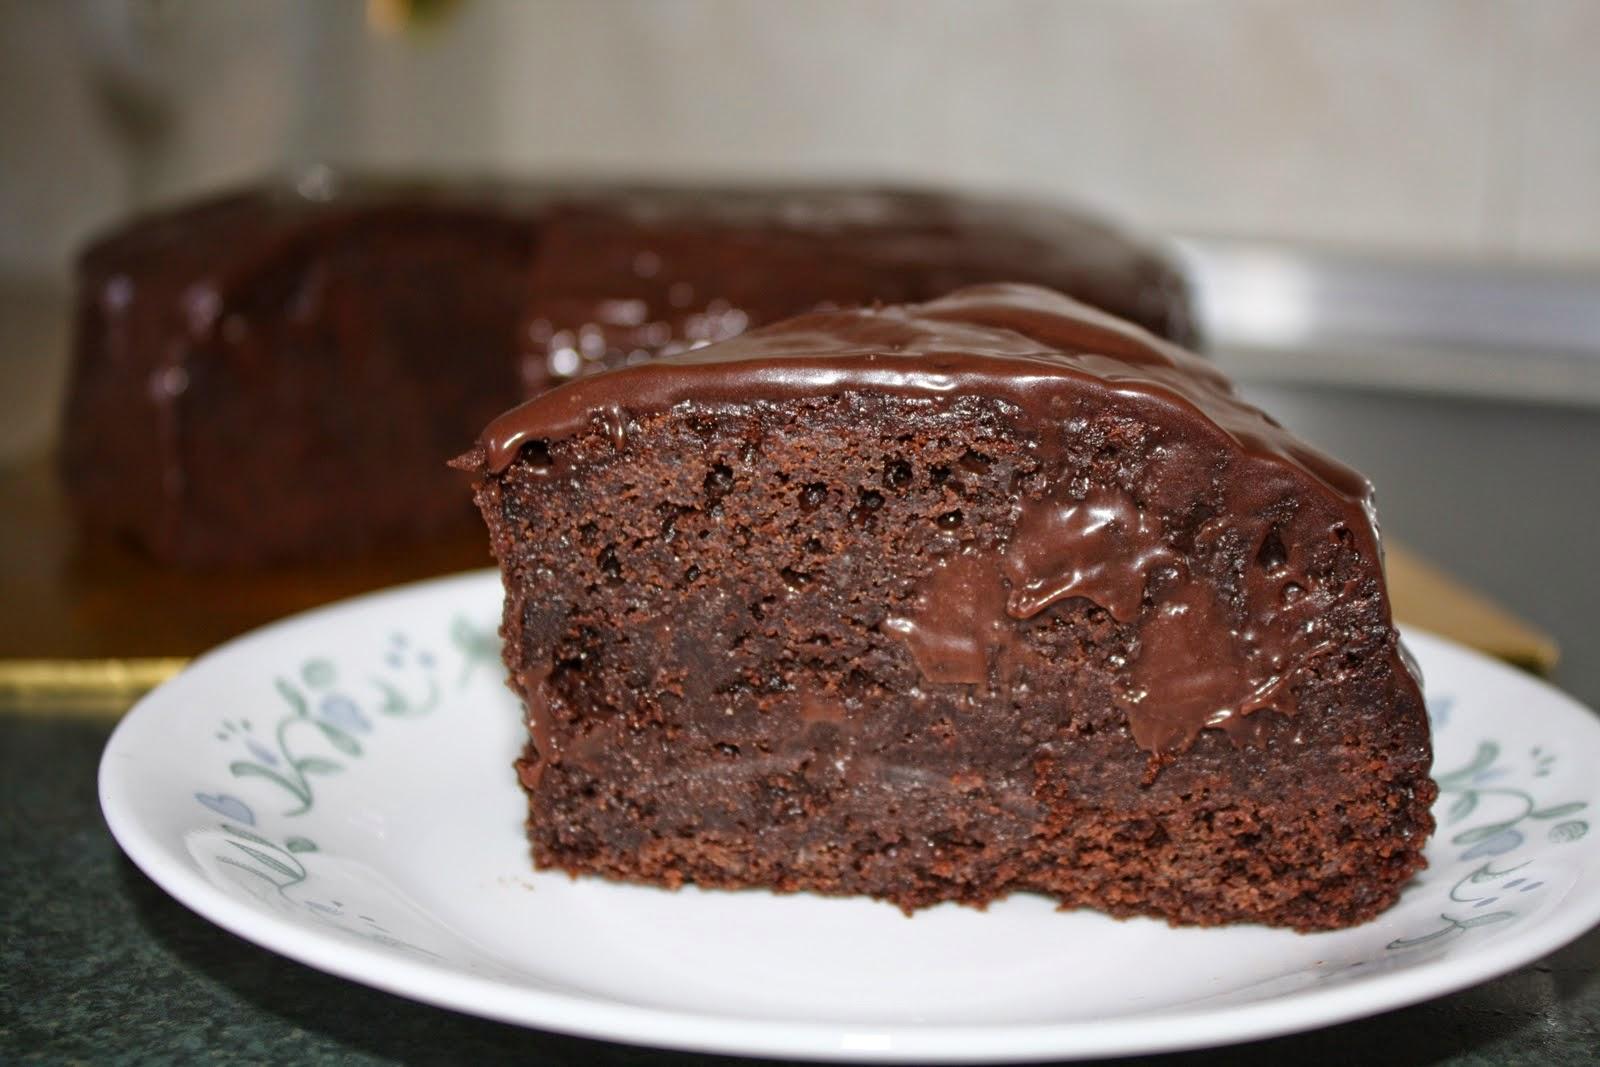 طريقة عمل كيك بصوص الشوكولاته